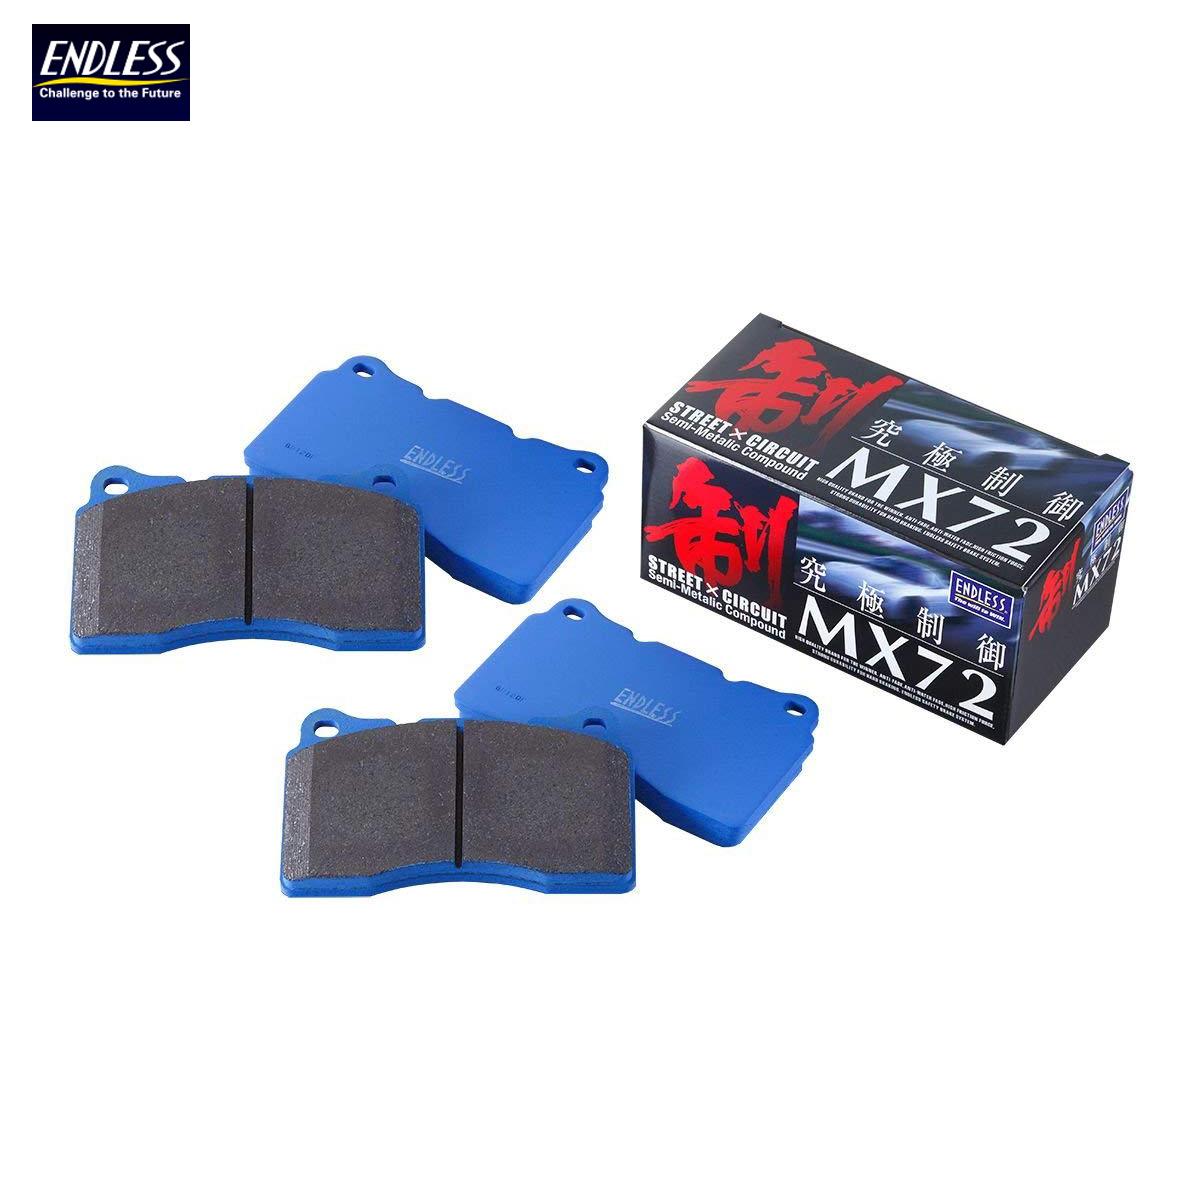 ENDLESS エンドレス ブレーキパッド MX72 フロント EP459 ヴァンガード GSA33W